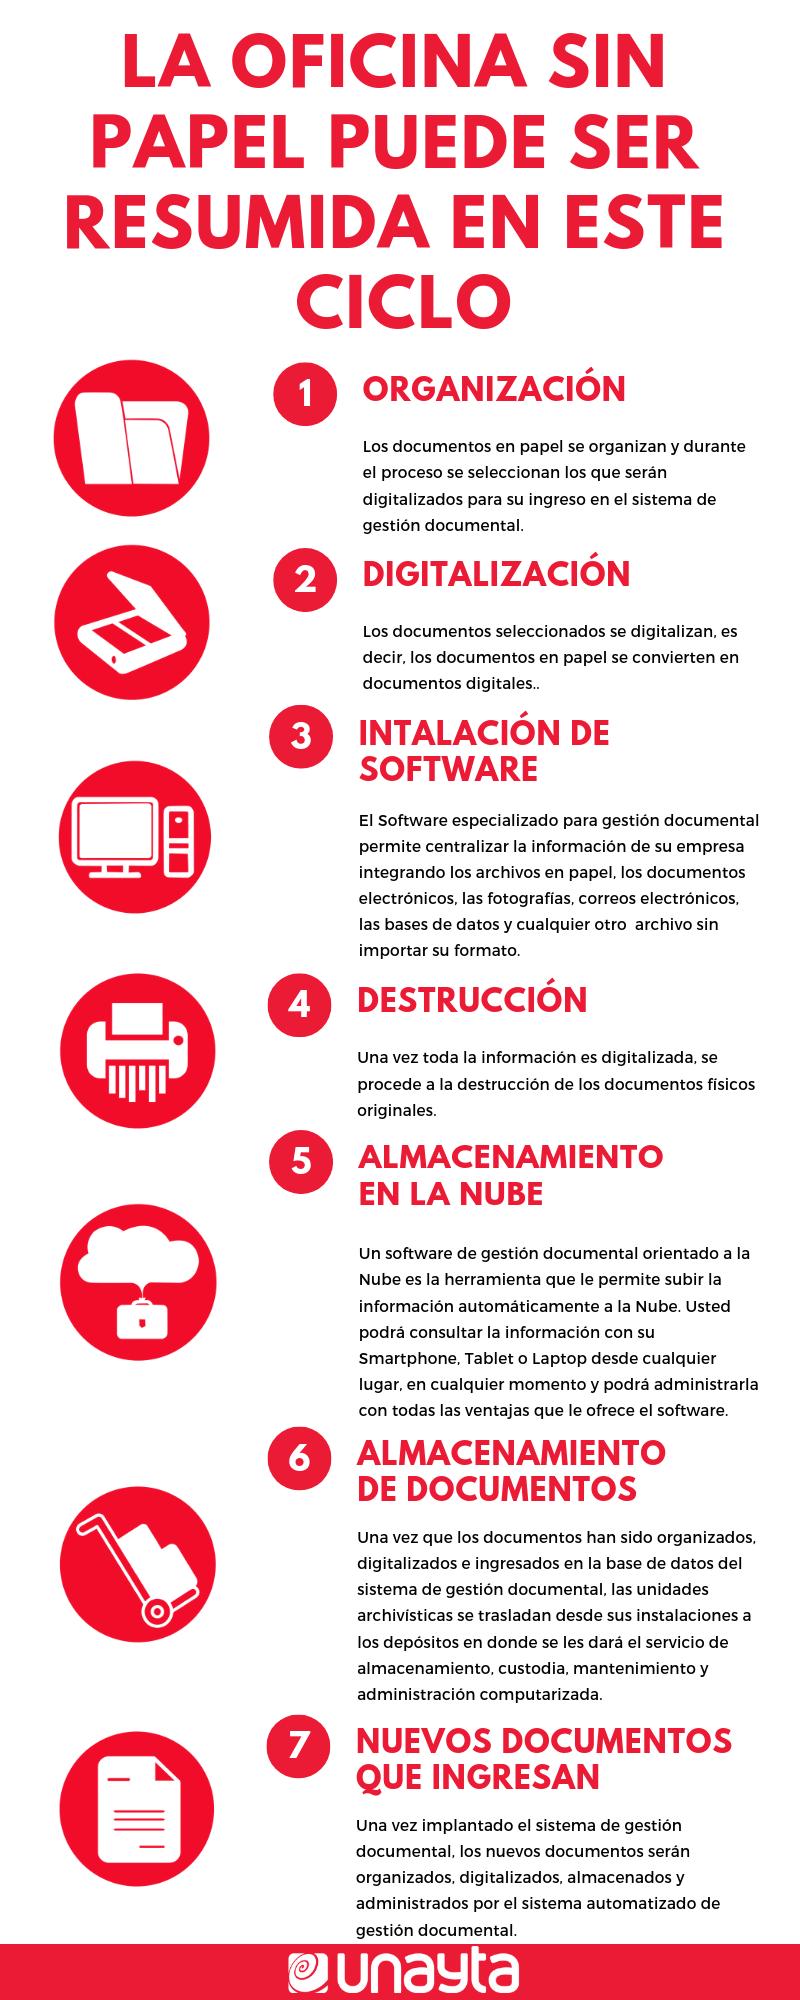 digitalizacion-oficinas-galicia-unayta